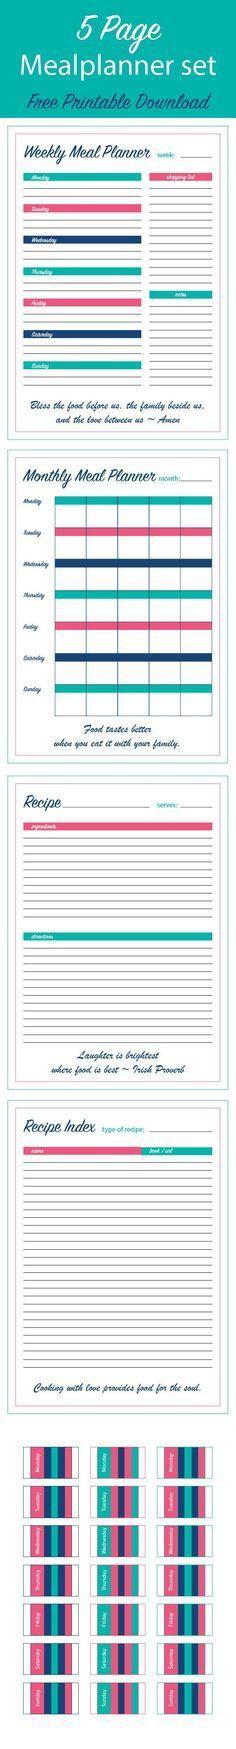 Free Printable Weekly Meal Planner - Time Management Tip Menu - menu planner template free